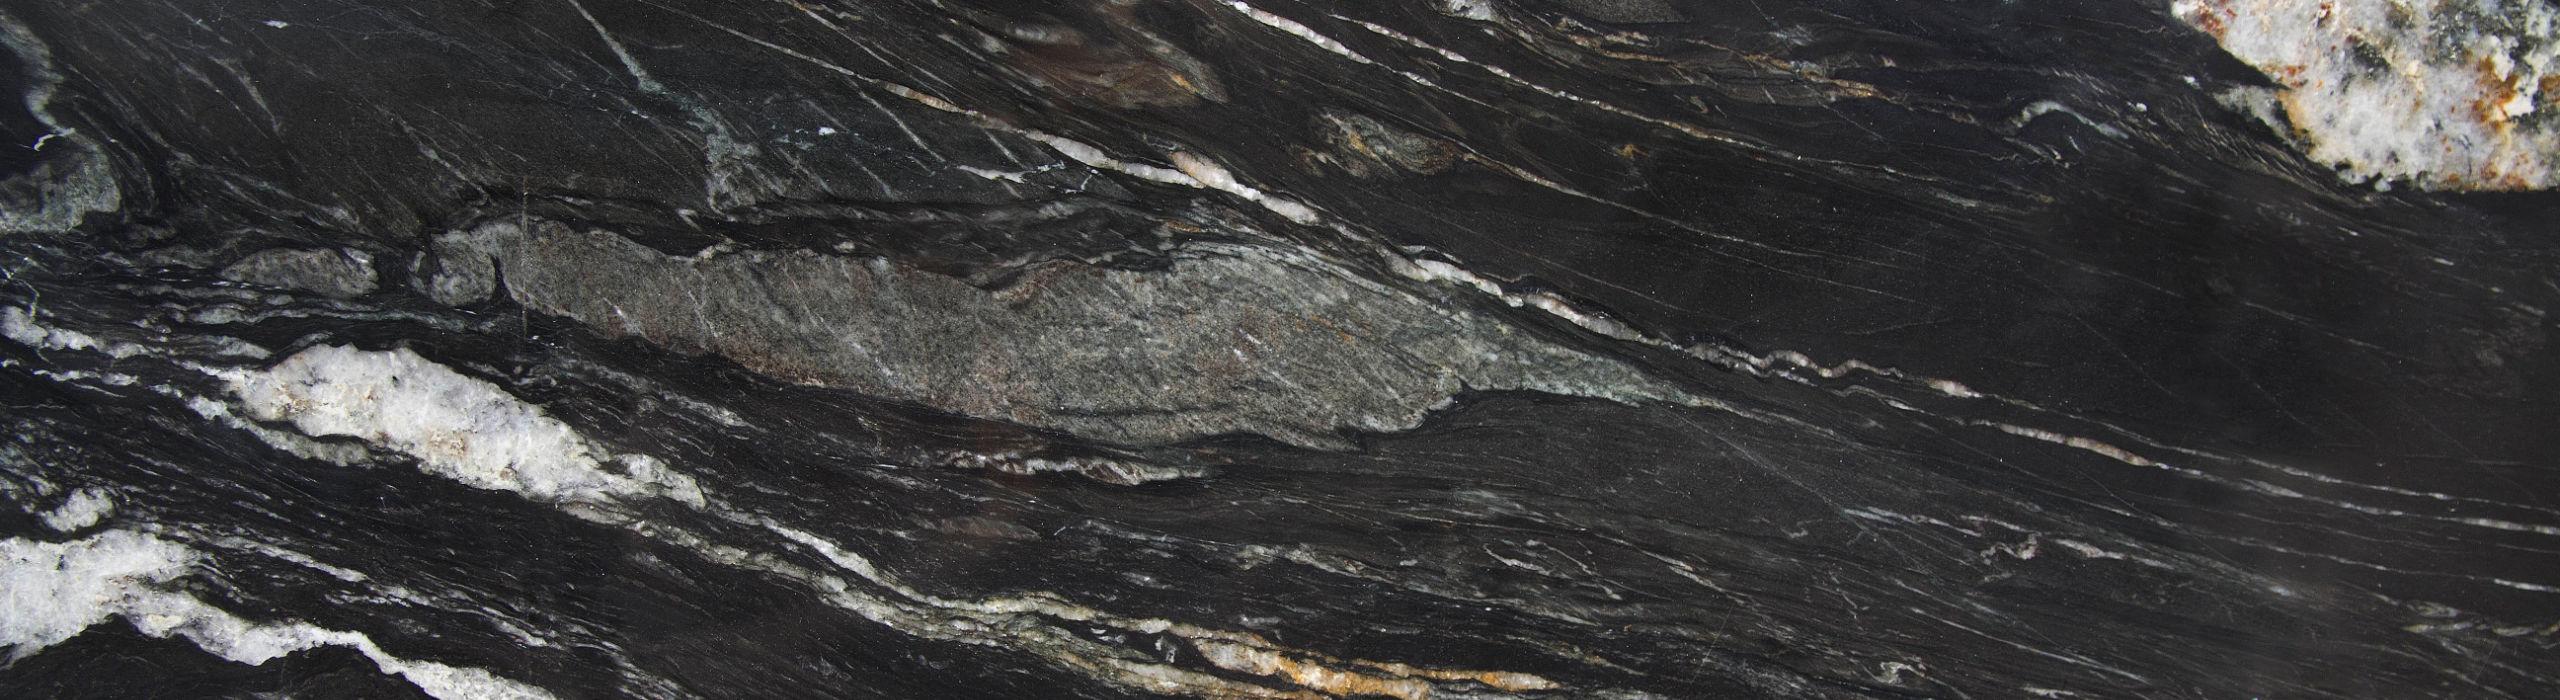 Der Naturstein Belveder ist einer der  Natursteine, die wir bei AS Natursteinwerk für Fliesen, Küchenarbeitsplatten und mehr verwenden